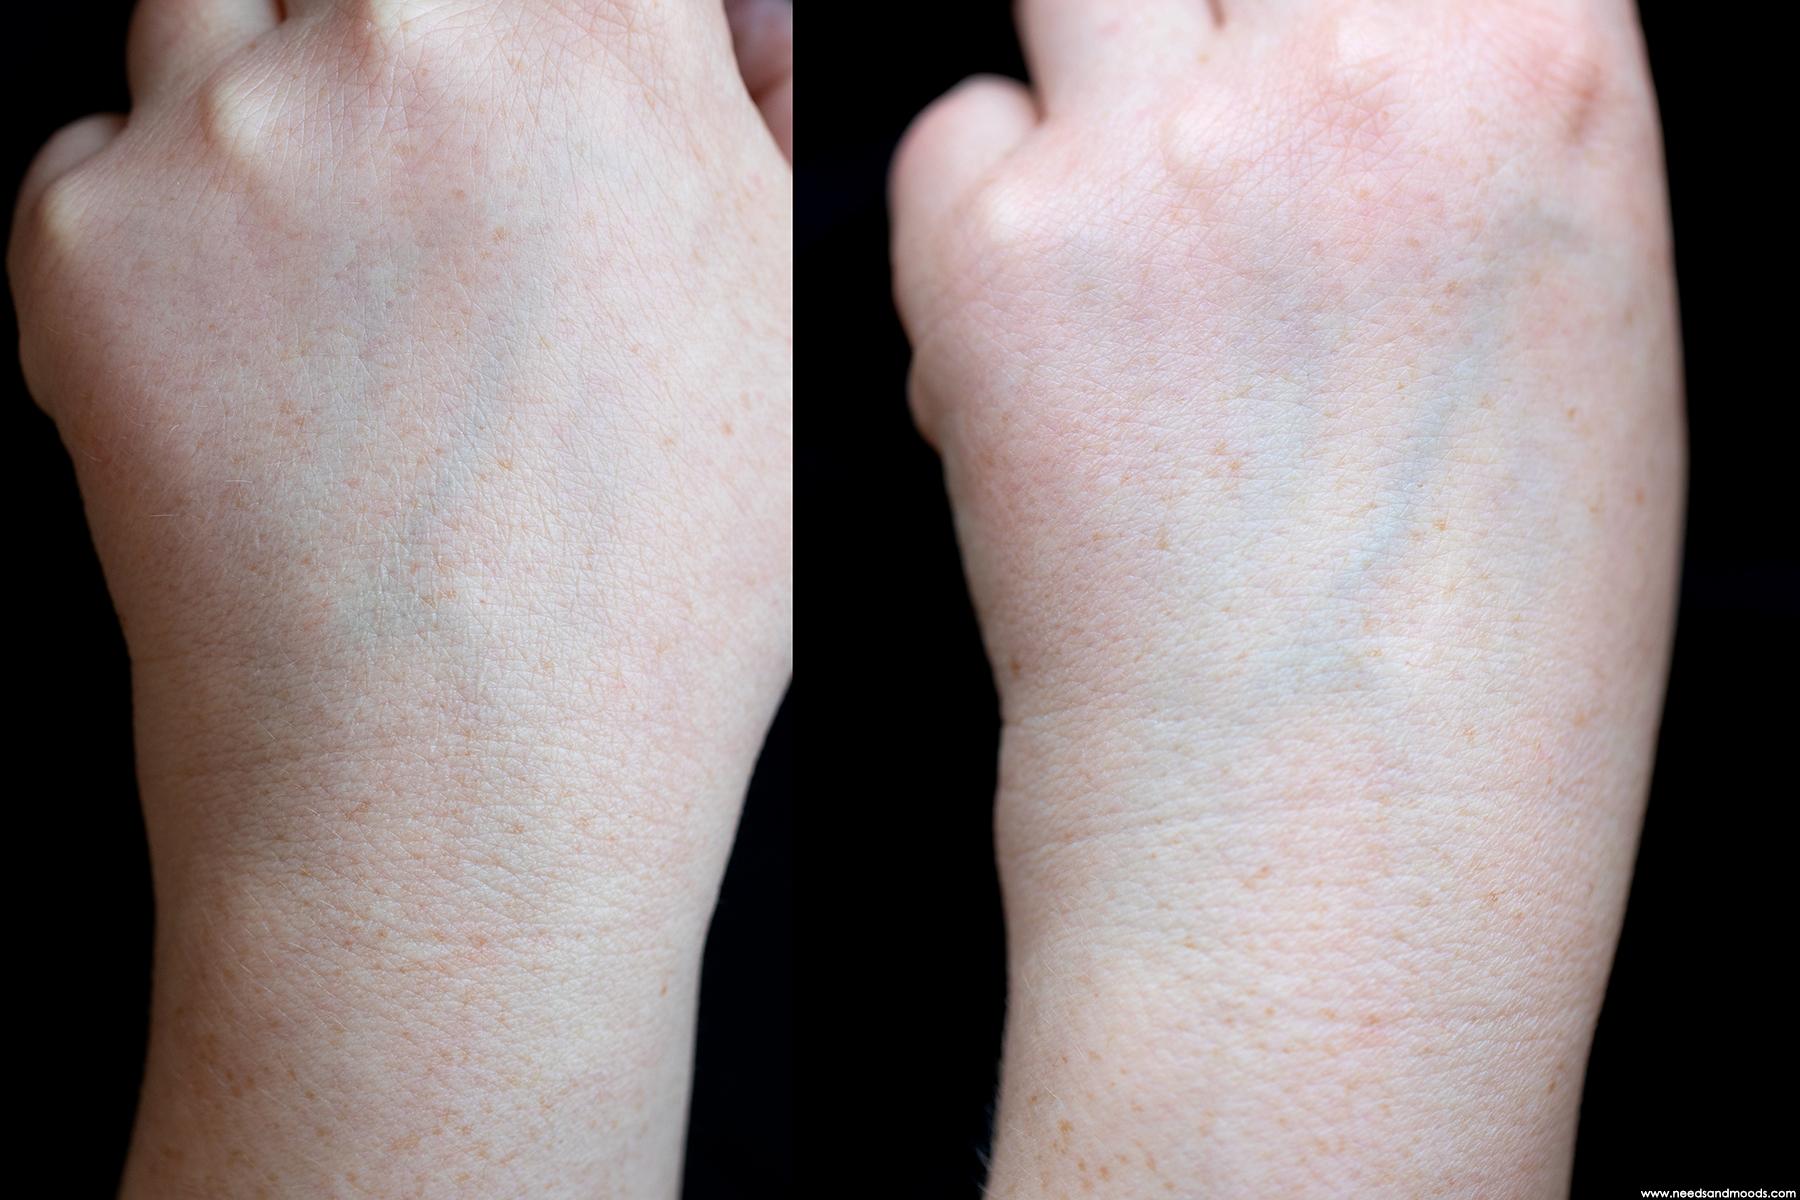 clarins-pore-control-serum-avant-apres